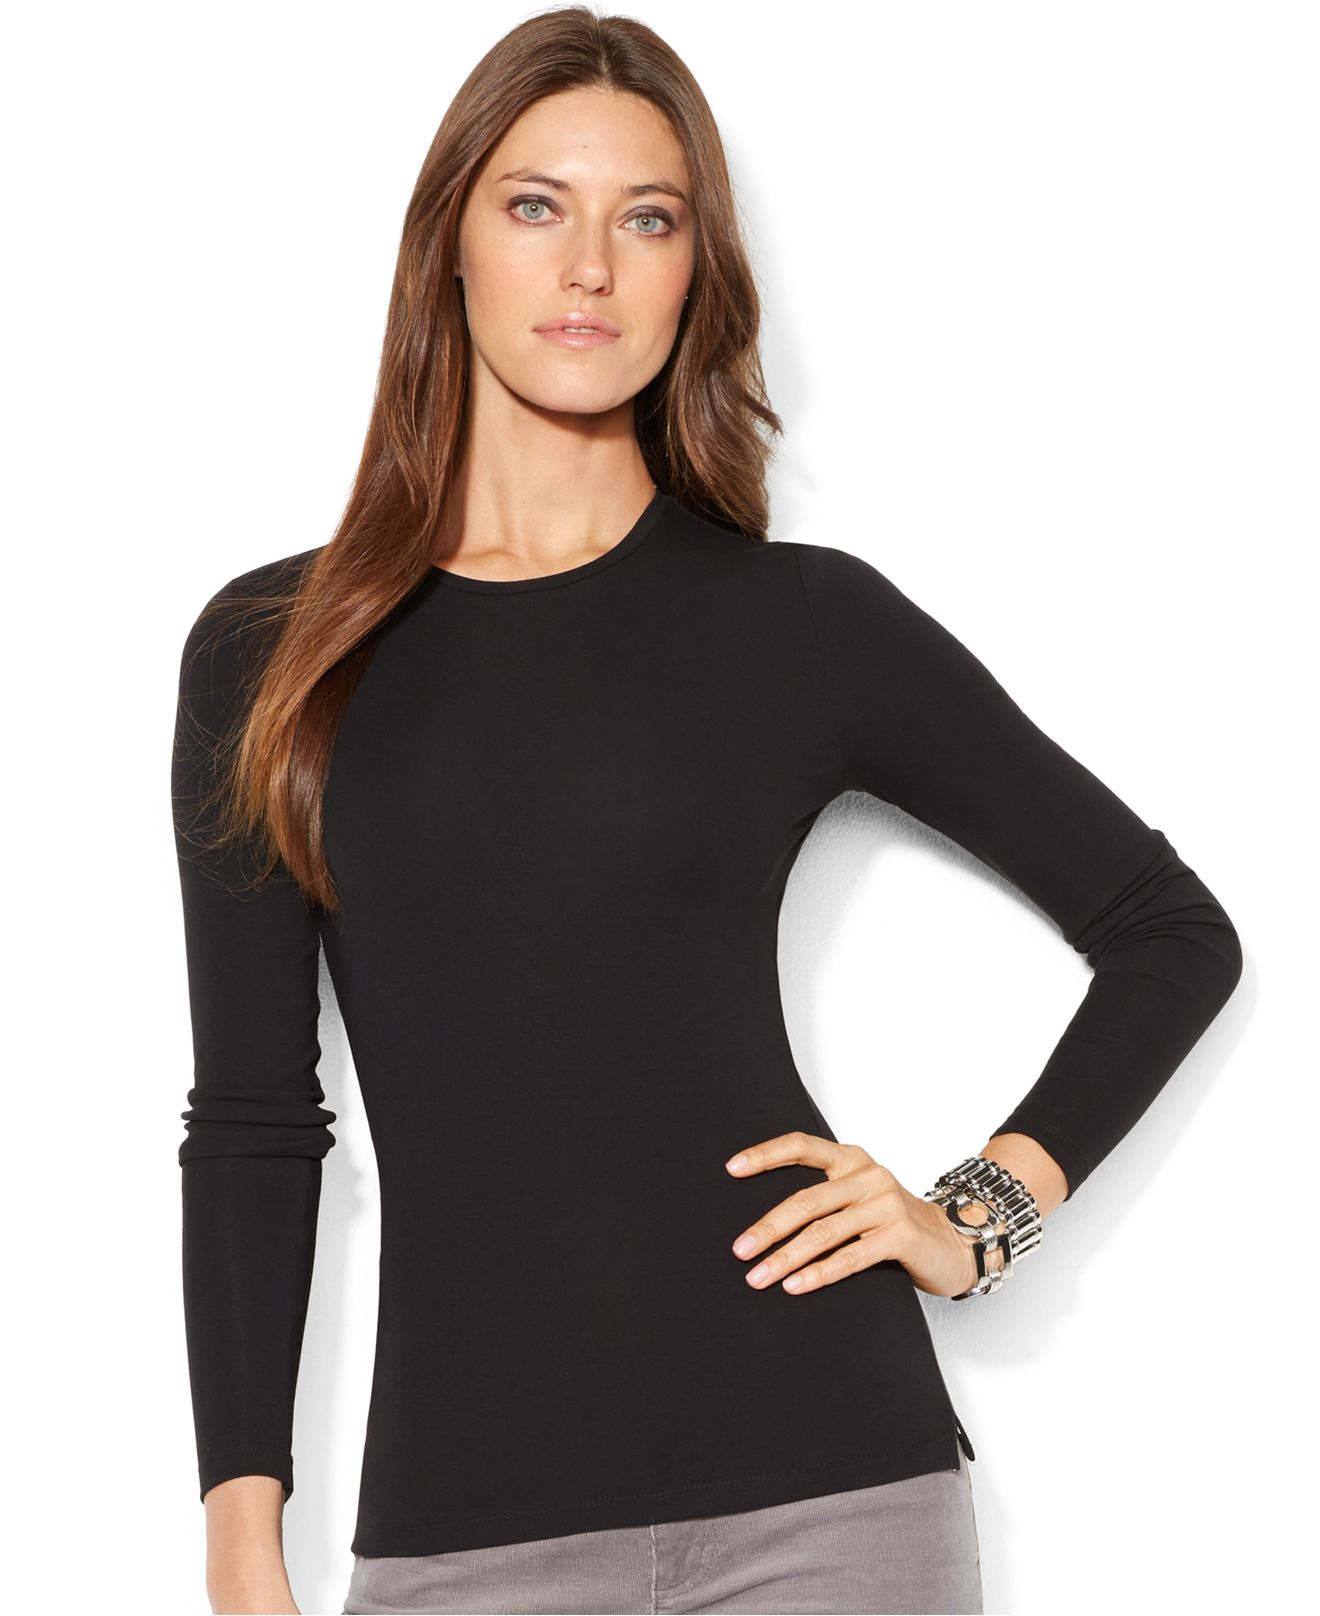 791cc0b0 Lauren by Ralph Lauren Petite Long-Sleeve Crew-Neck Top in Black - Lyst